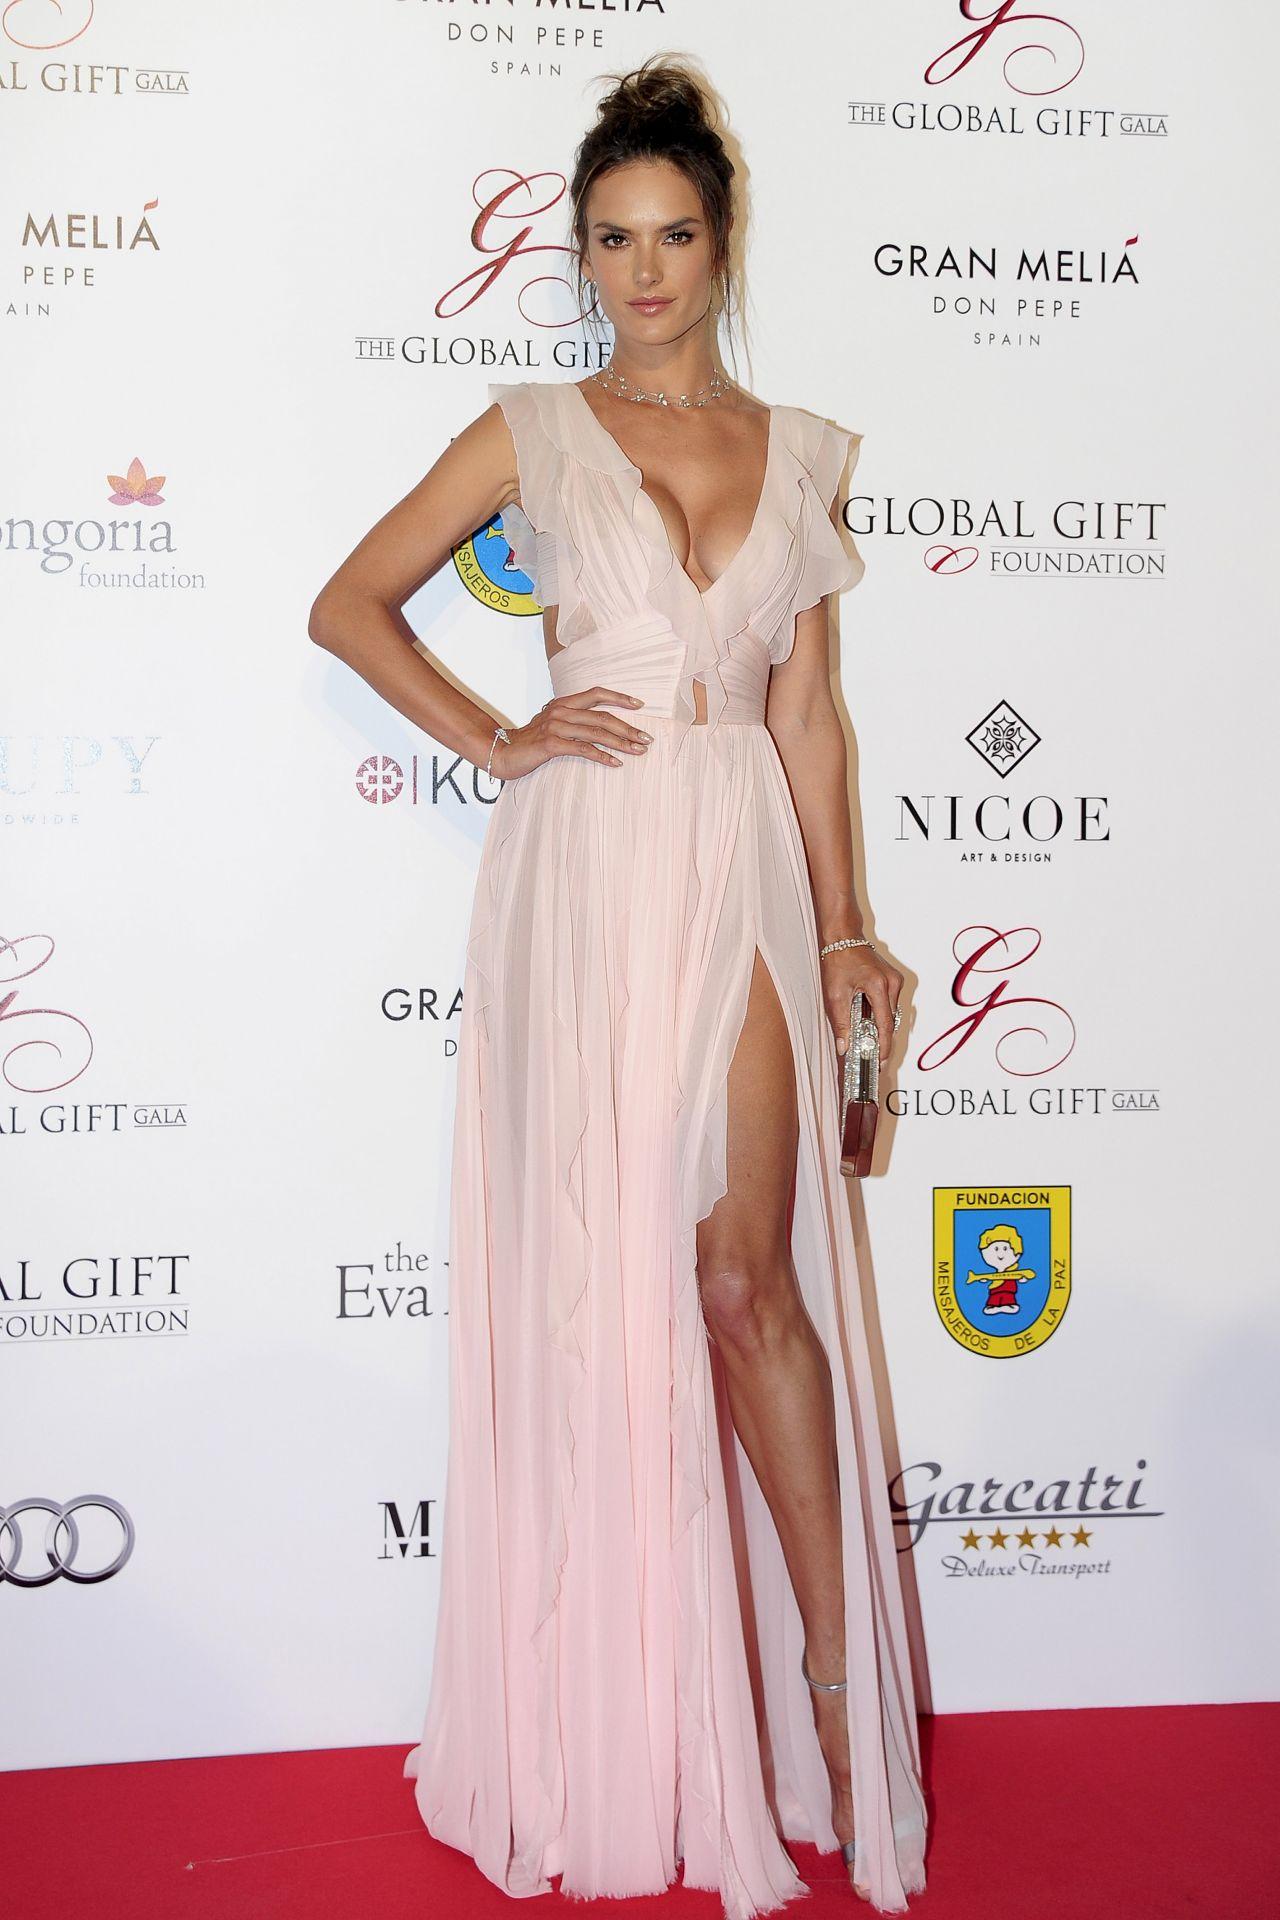 Alessandra Ambrosio Global Gift Gala In Marbella Spain